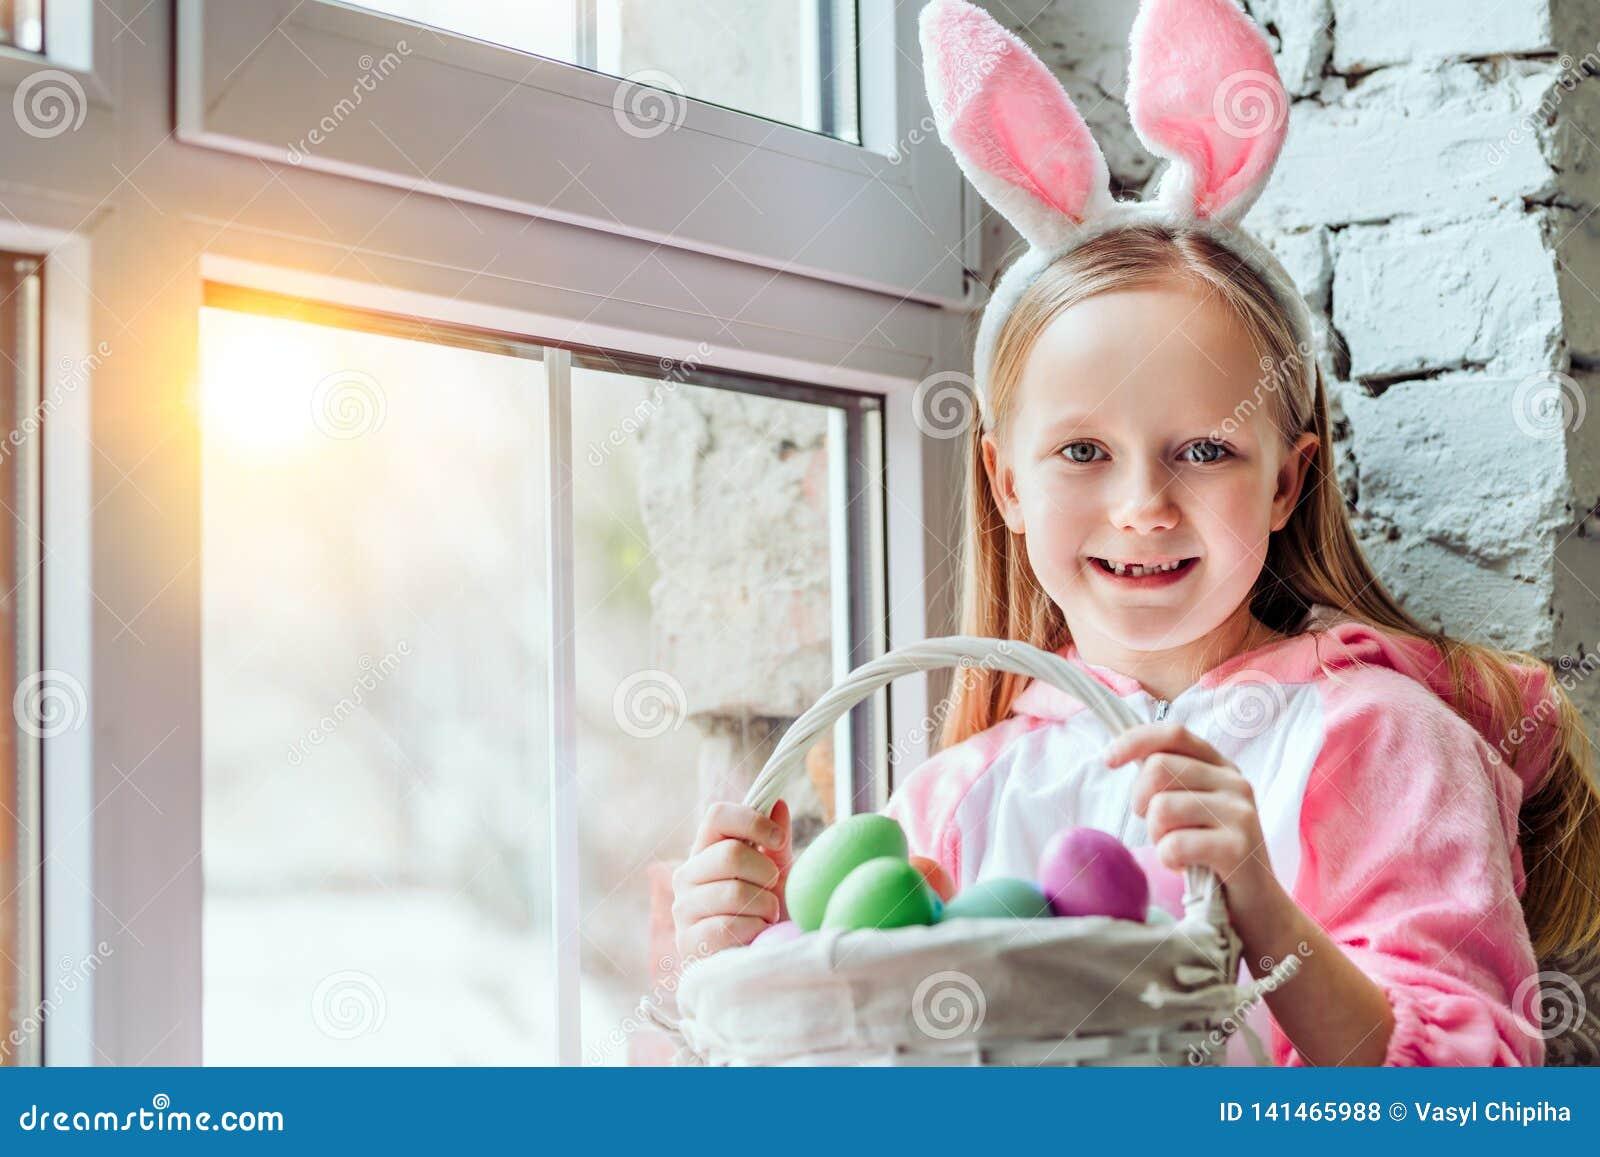 我爱复活节!兔子服装的美丽的女孩在家坐窗台并且拿着复活节彩蛋篮子